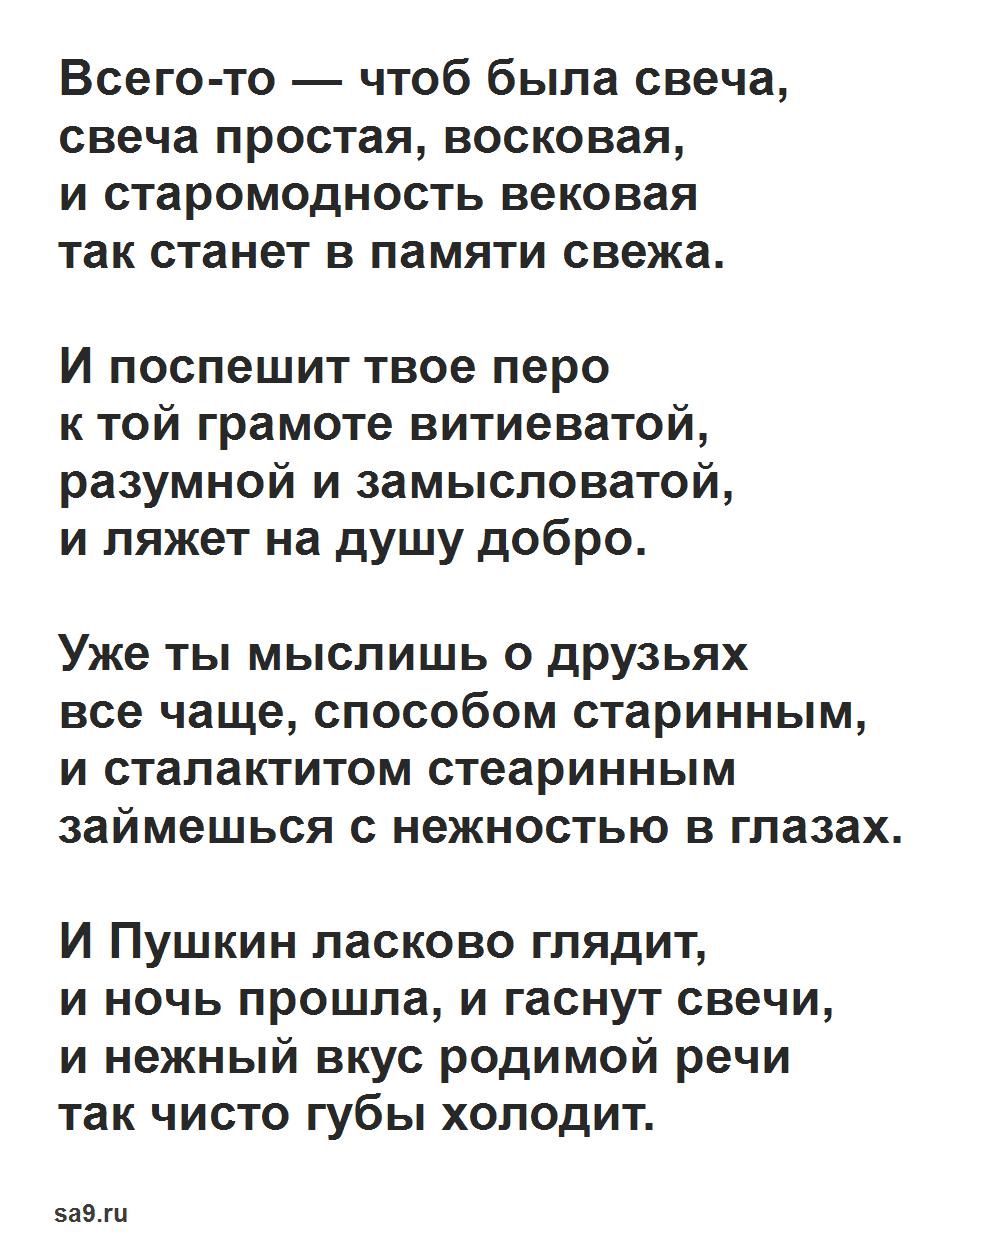 Короткие стихи Ахмадулиной о жизни - Свеча